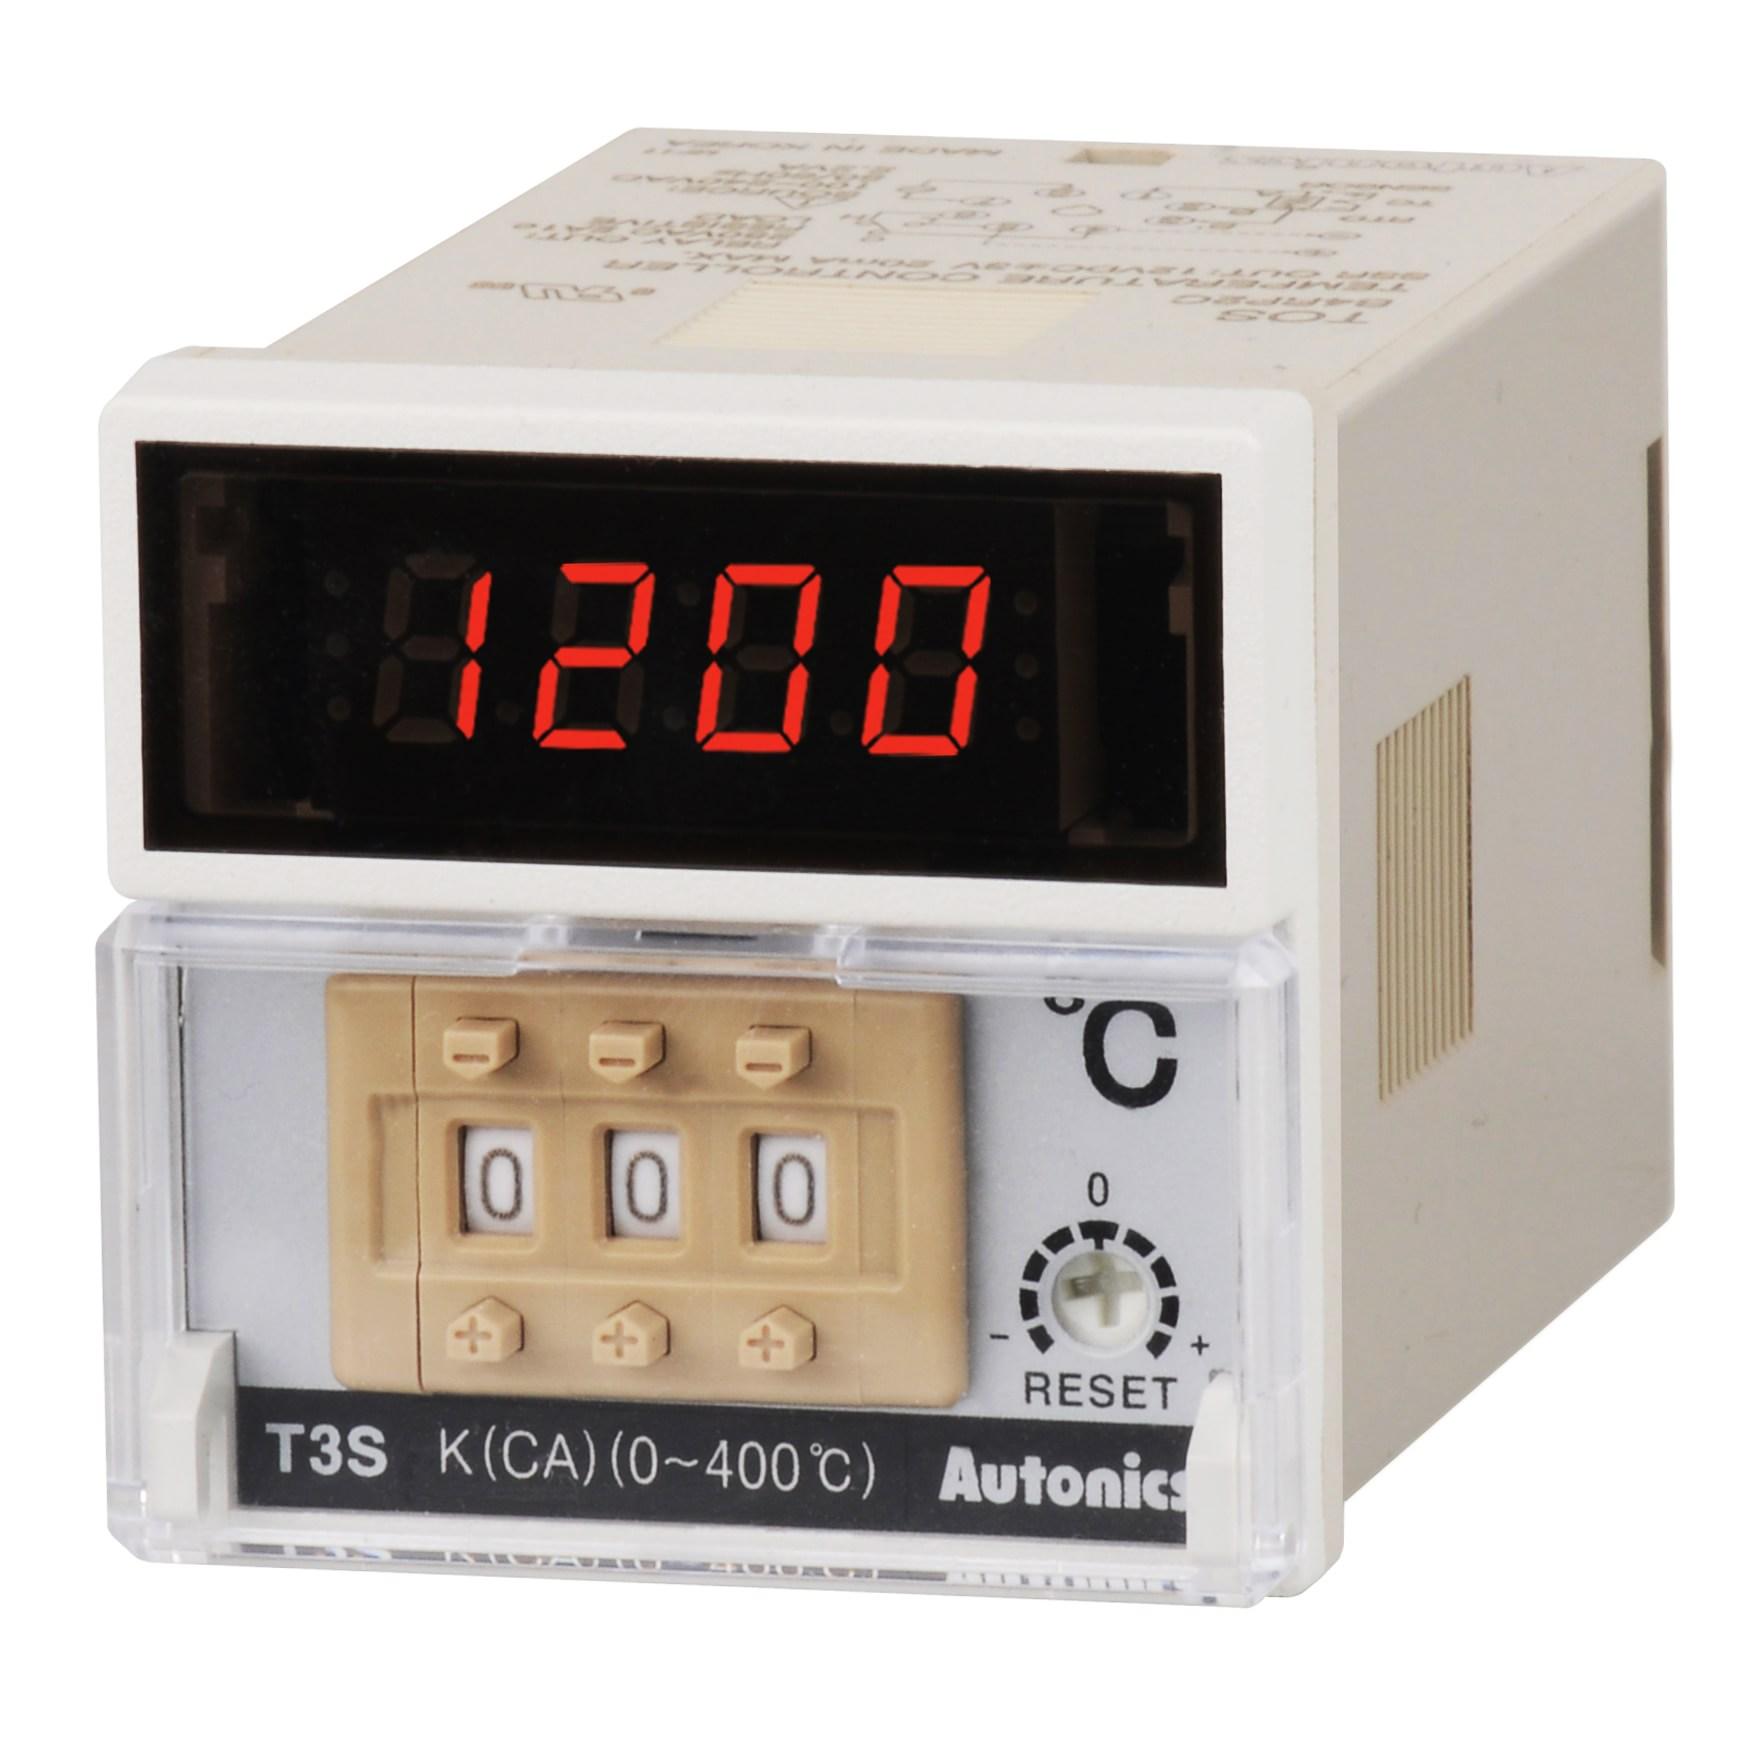 T3S T3H T4M T4L Series - کنترلرهای دما آتونیکس سری T3S/T3H/T4M/T4L